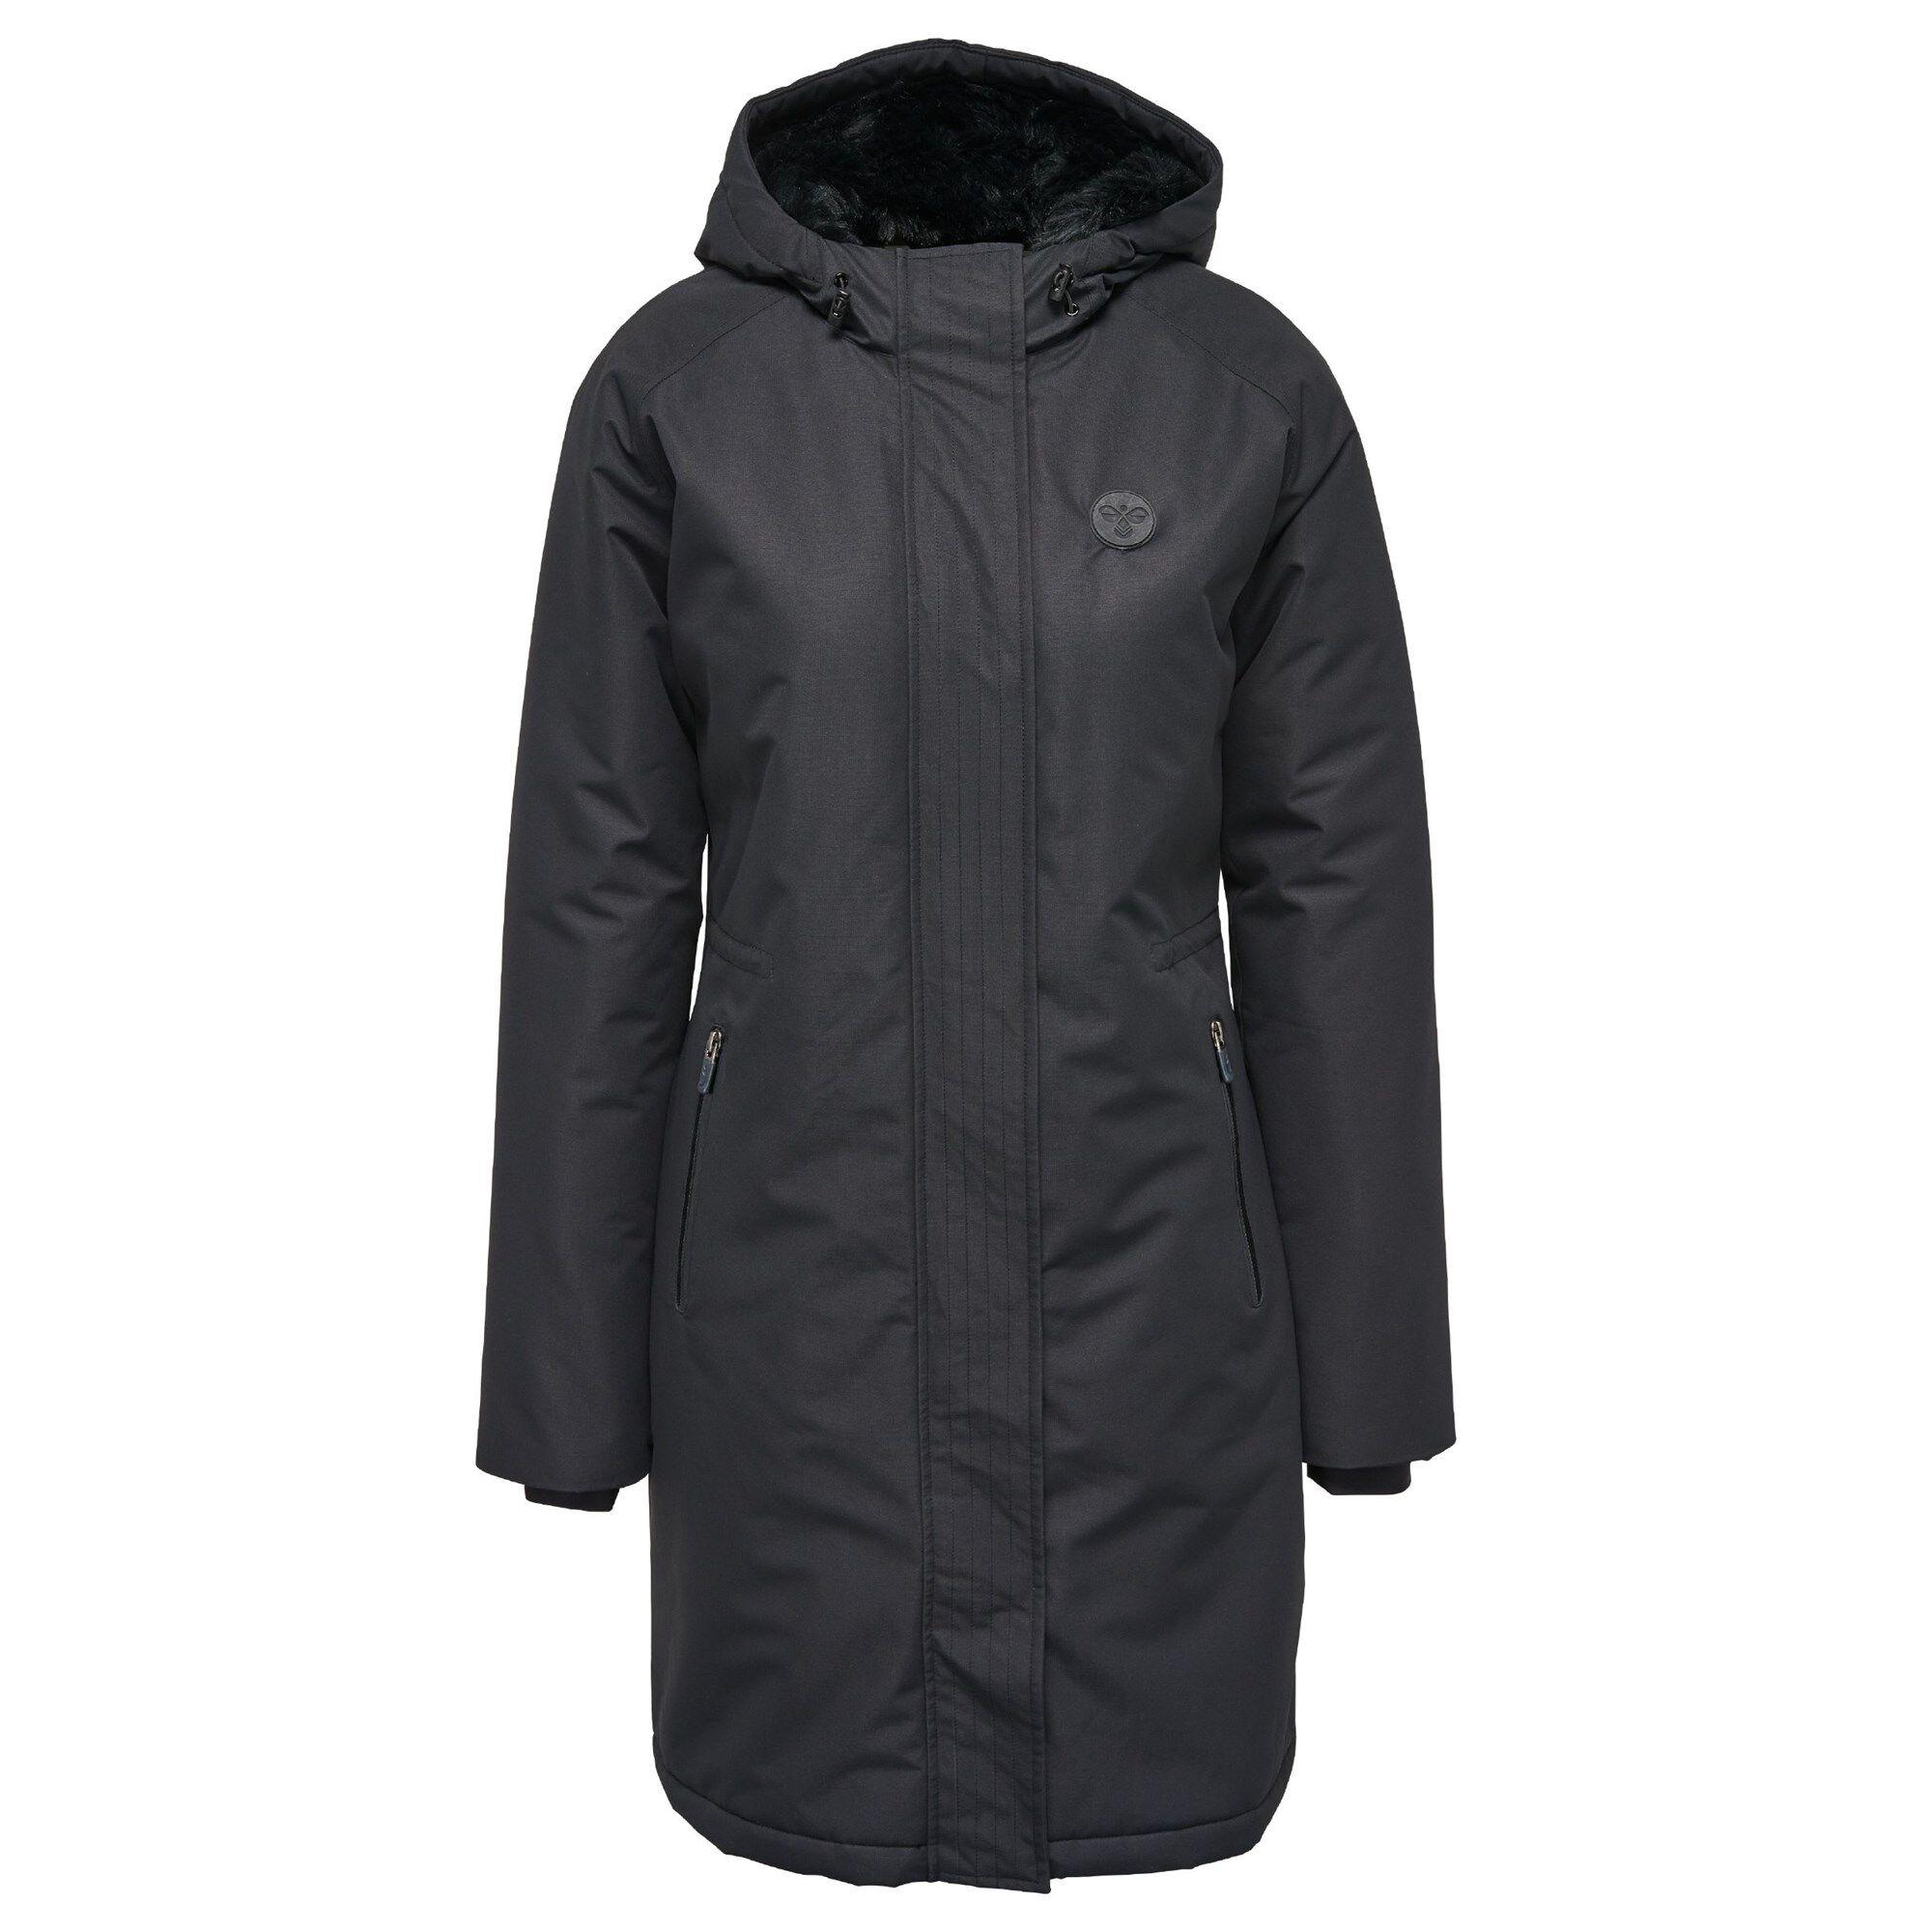 Jakker til kvinder | Find alle de nyeste jakker INTERSPORT.dk